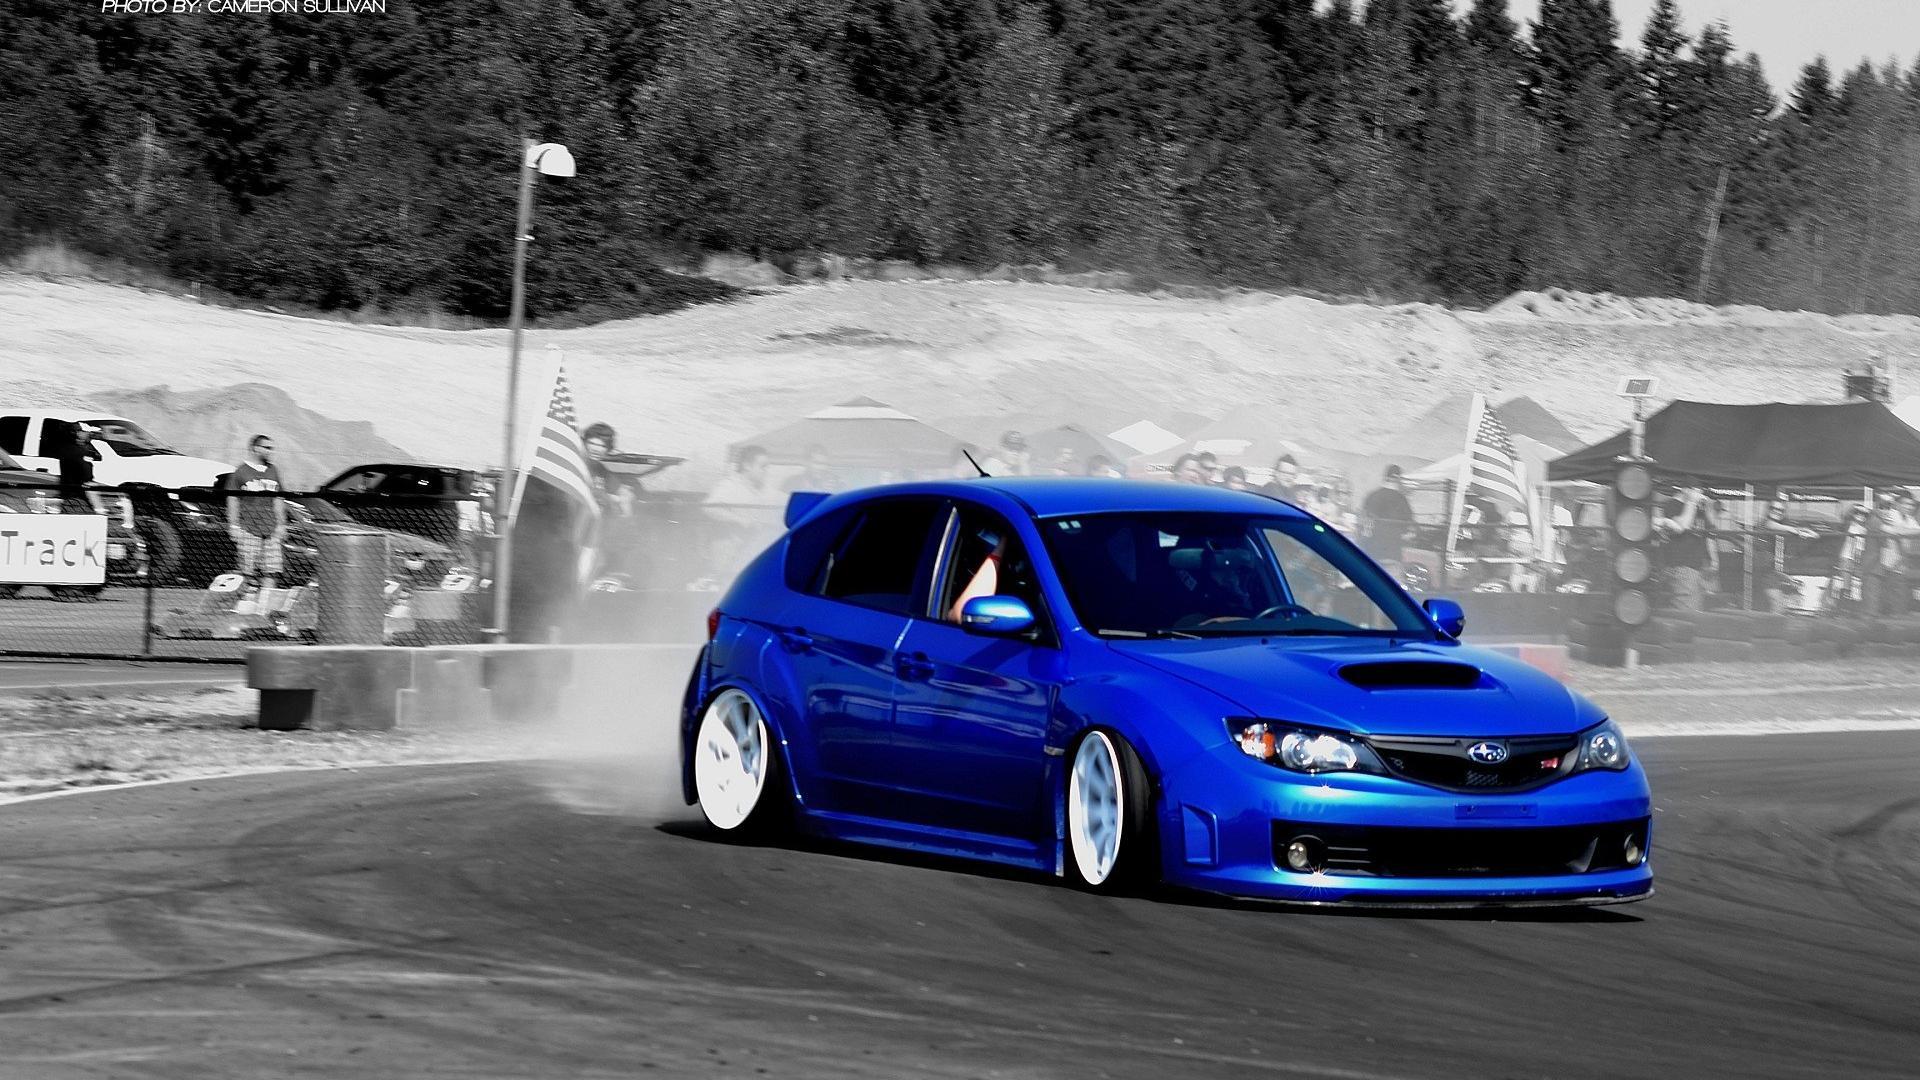 Subaru Hd Wallpapers >> JDM Wallpapers HD - WallpaperSafari